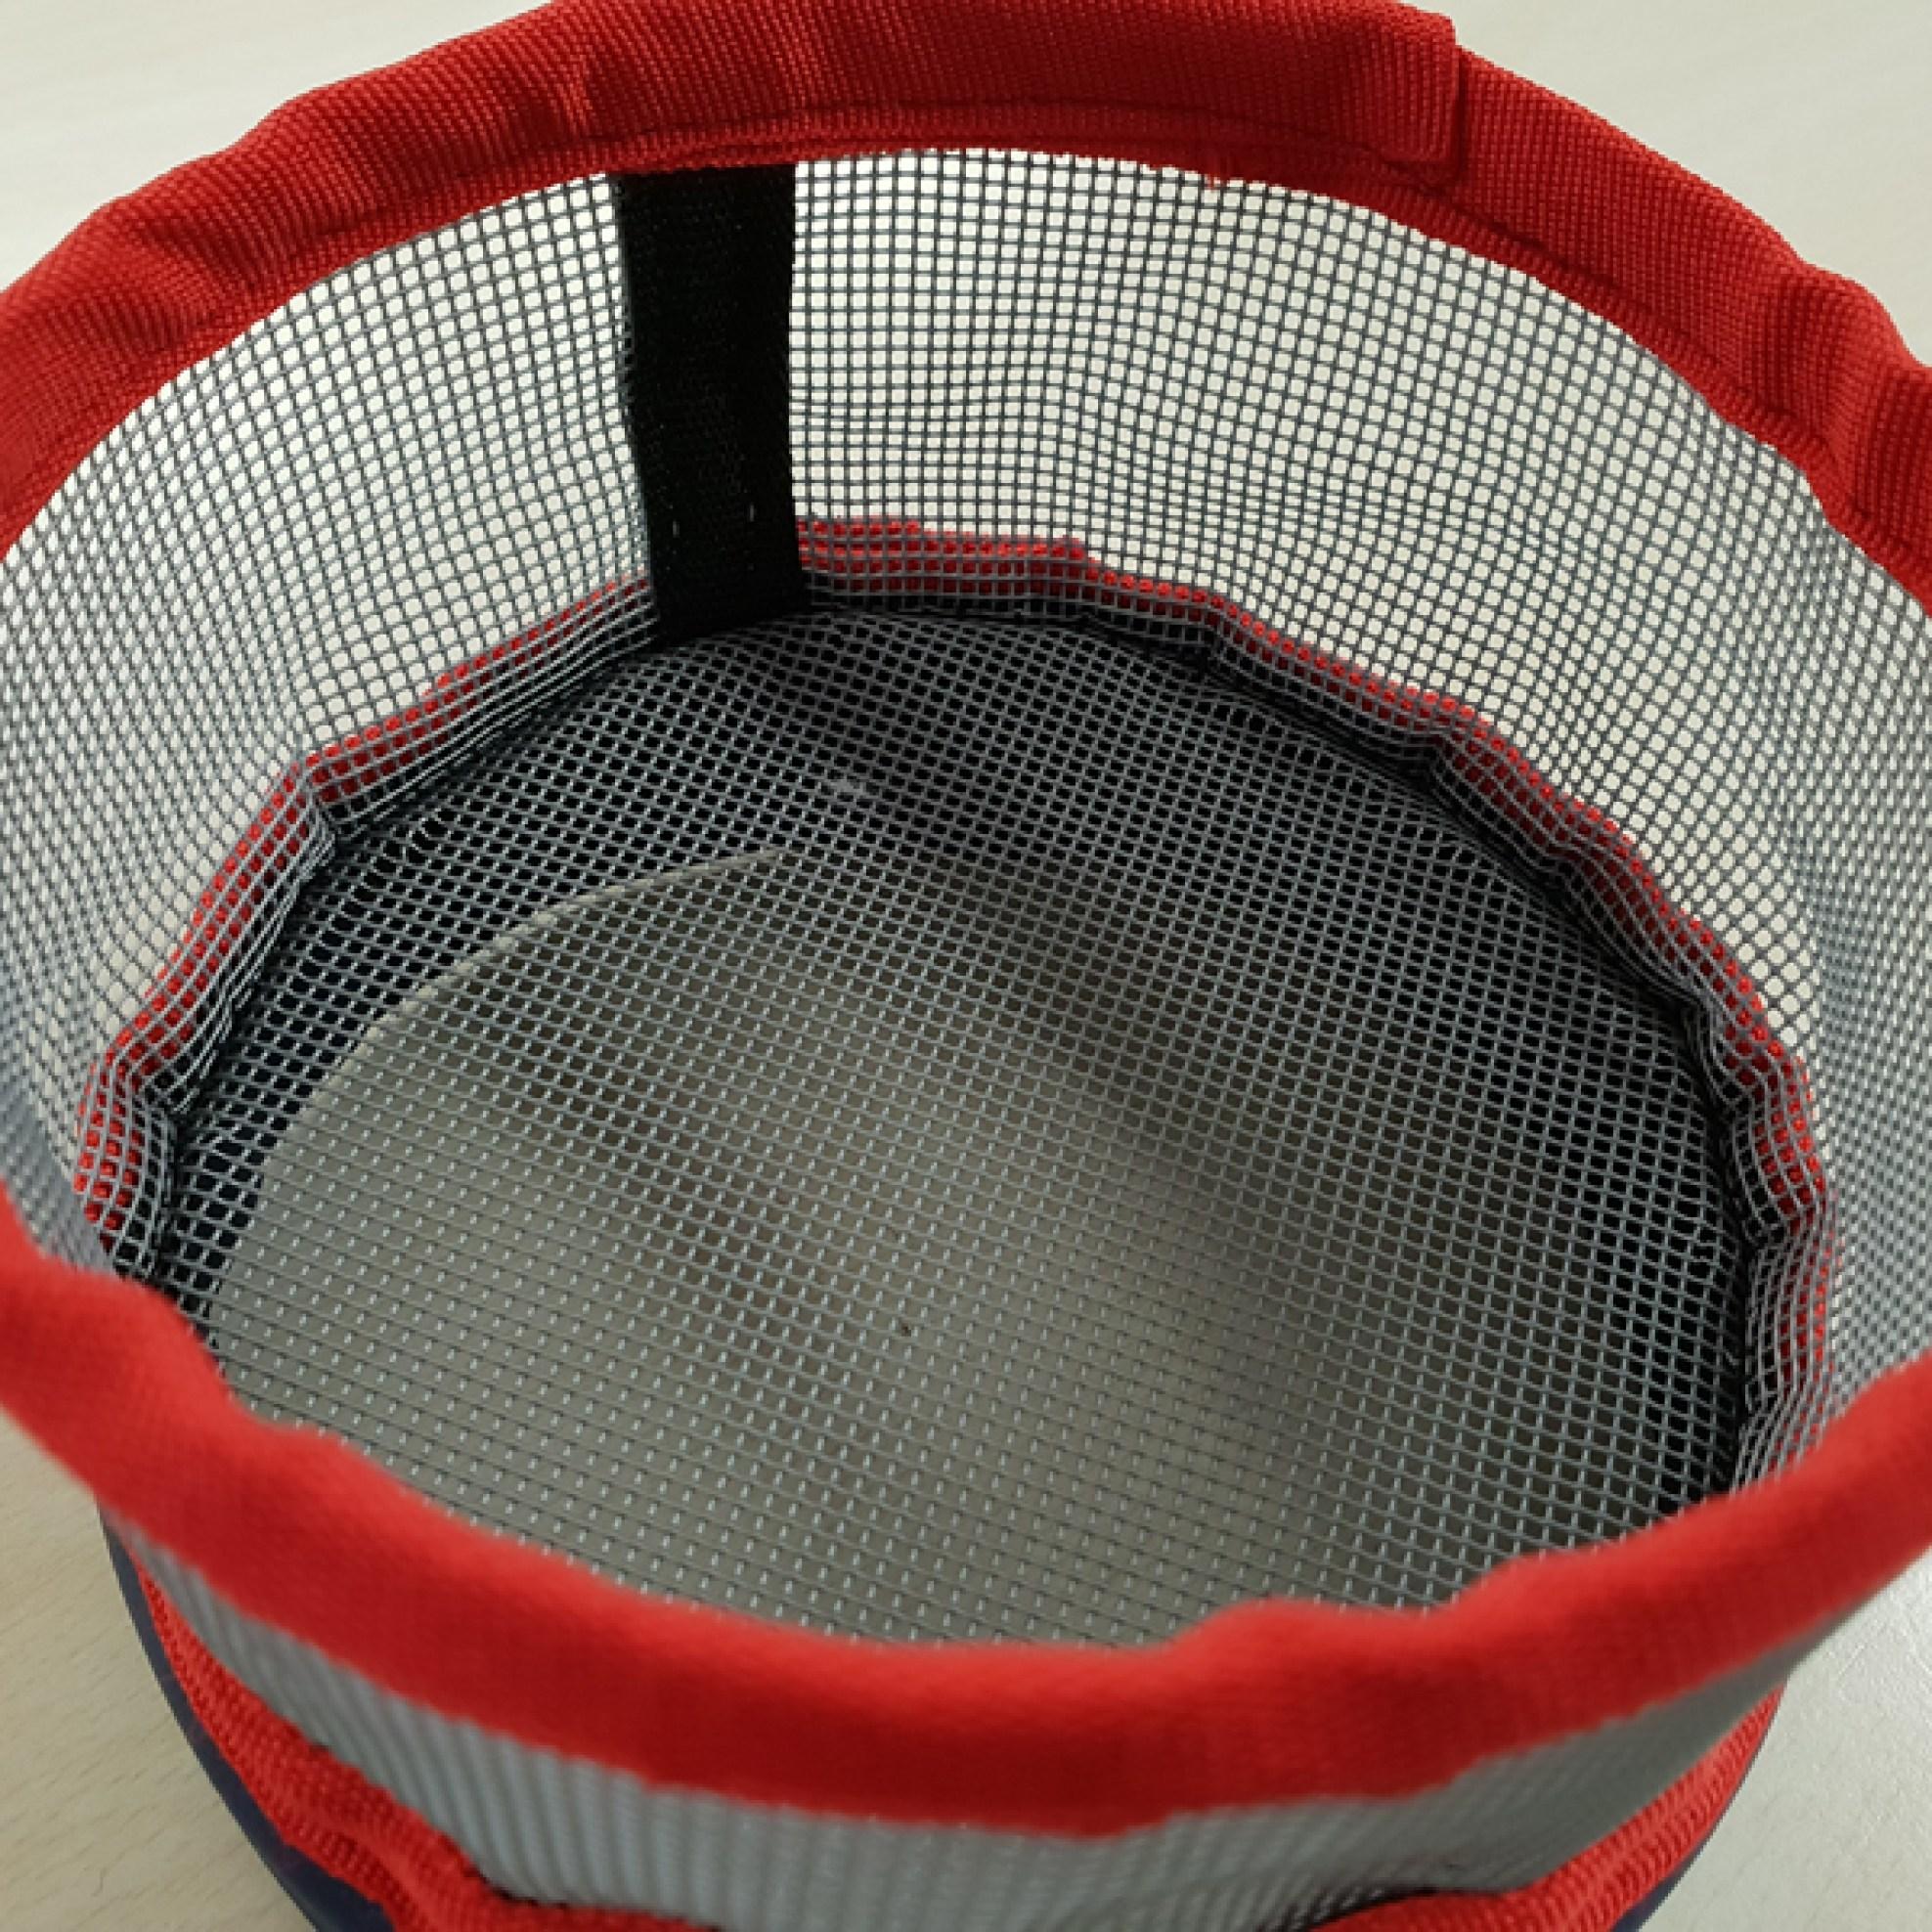 Magic net con rete a maglia più grande